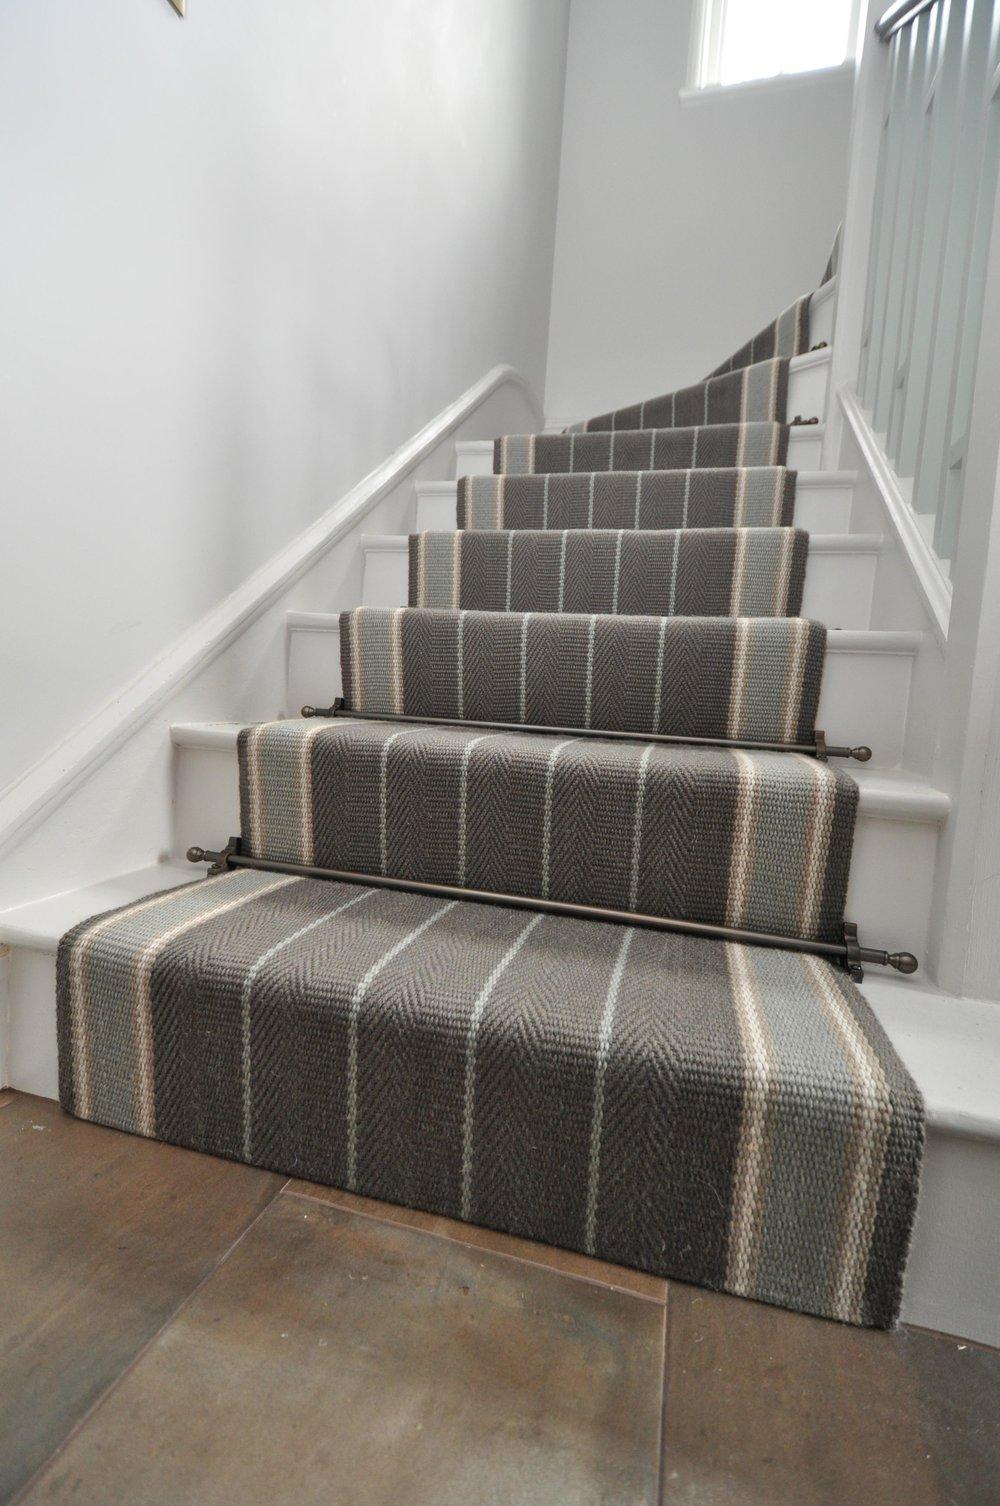 flatweave-stair-runner-london-bowloom-carpet-off-the-loom-DSC_1504.jpg